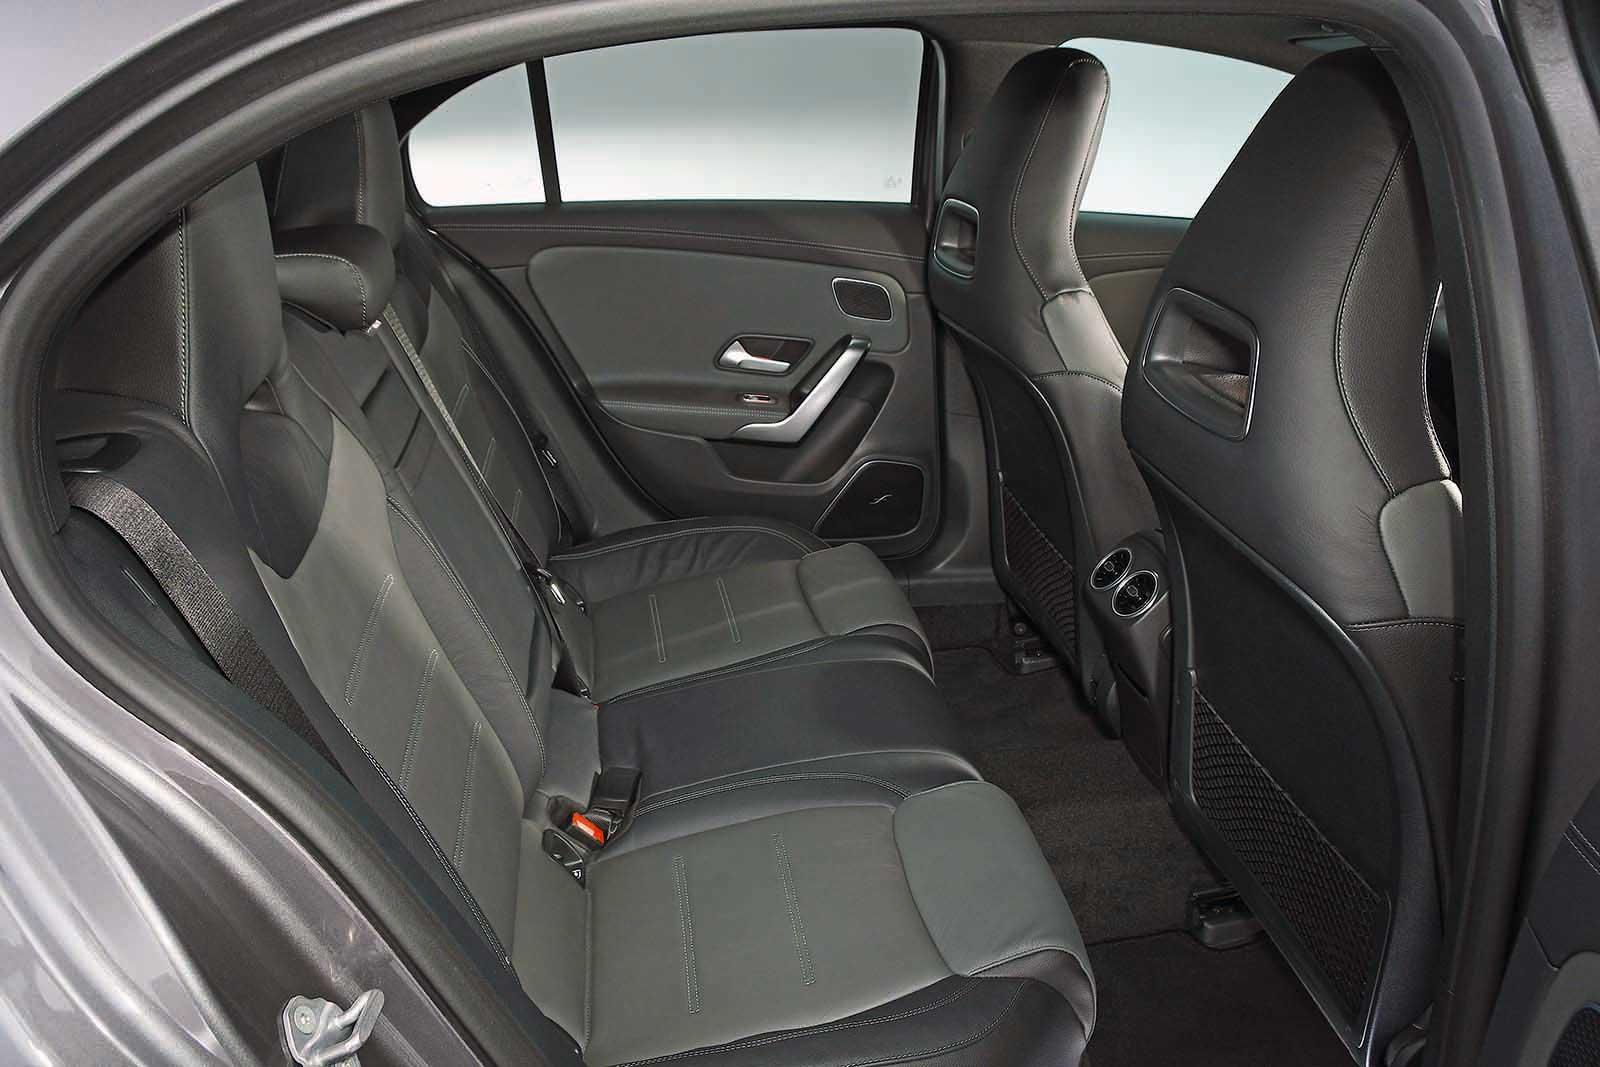 Mercedes-AMG A35 rear seats